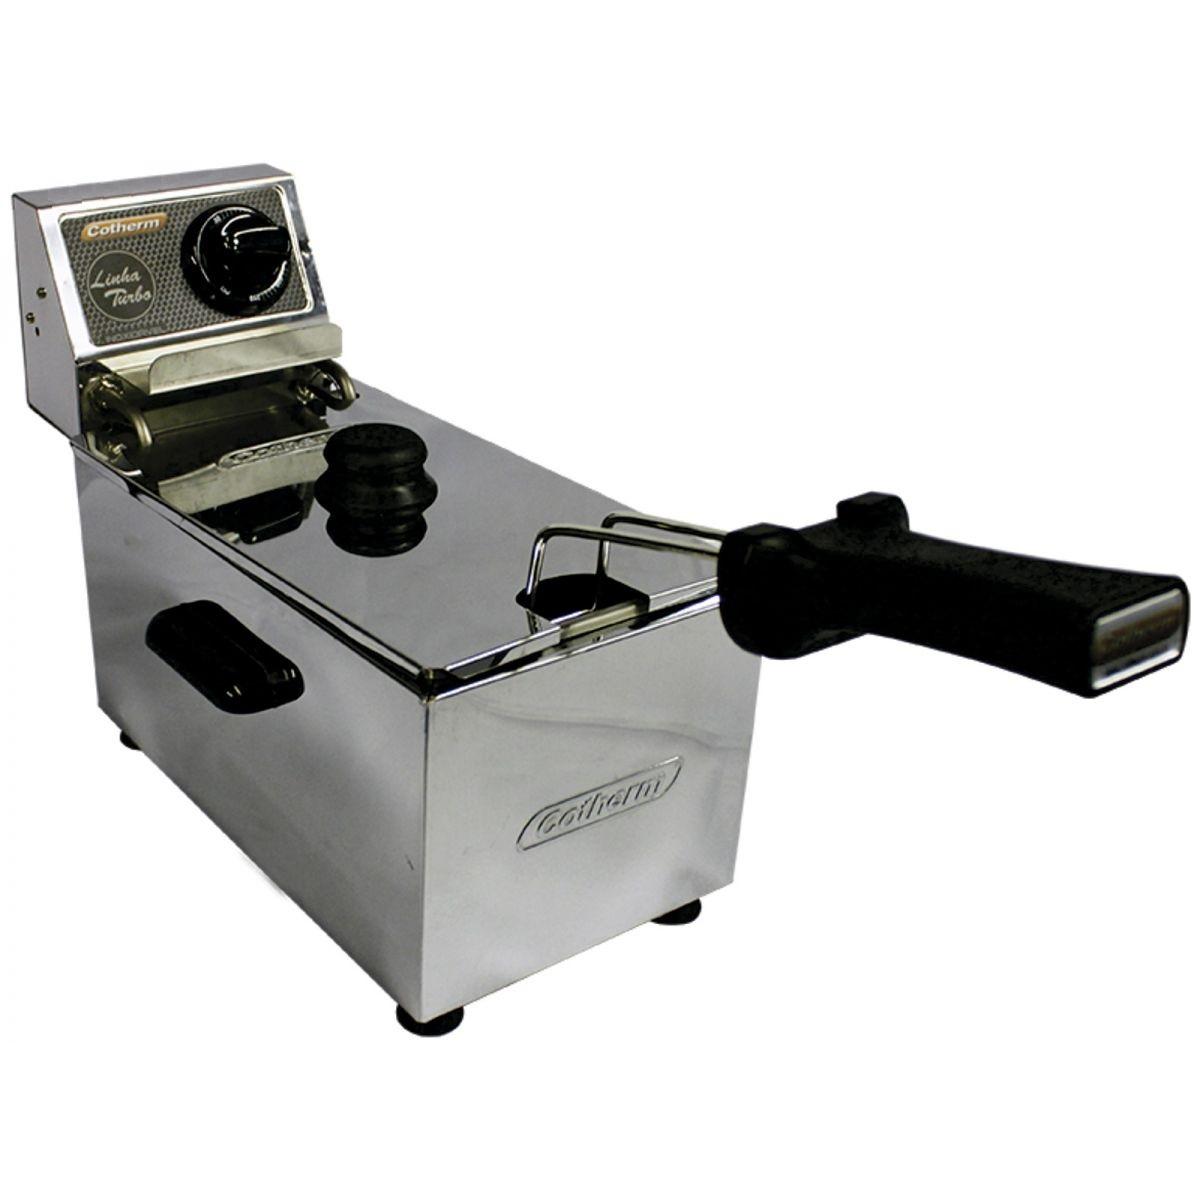 Fritadeira Elétrica 3 Litros 1 cuba Linha Turbo 2500W 220V Cotherm  - Mix Eletro